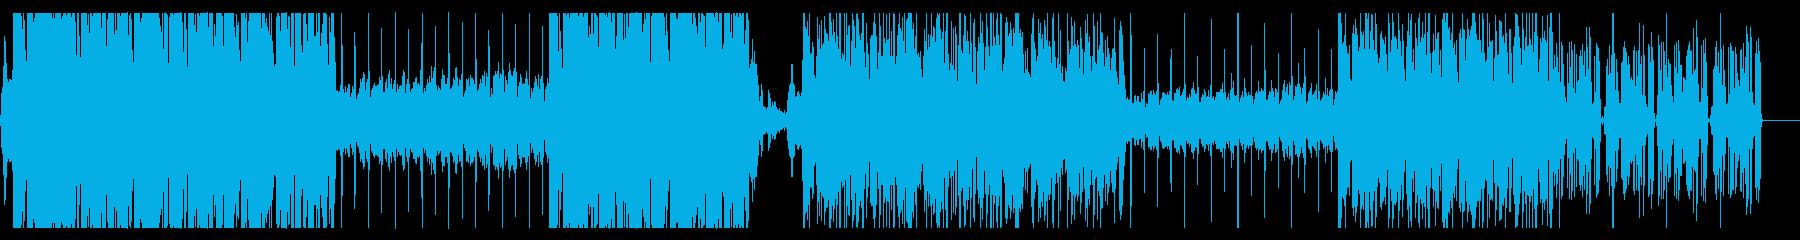 lofibeats_年末の再生済みの波形